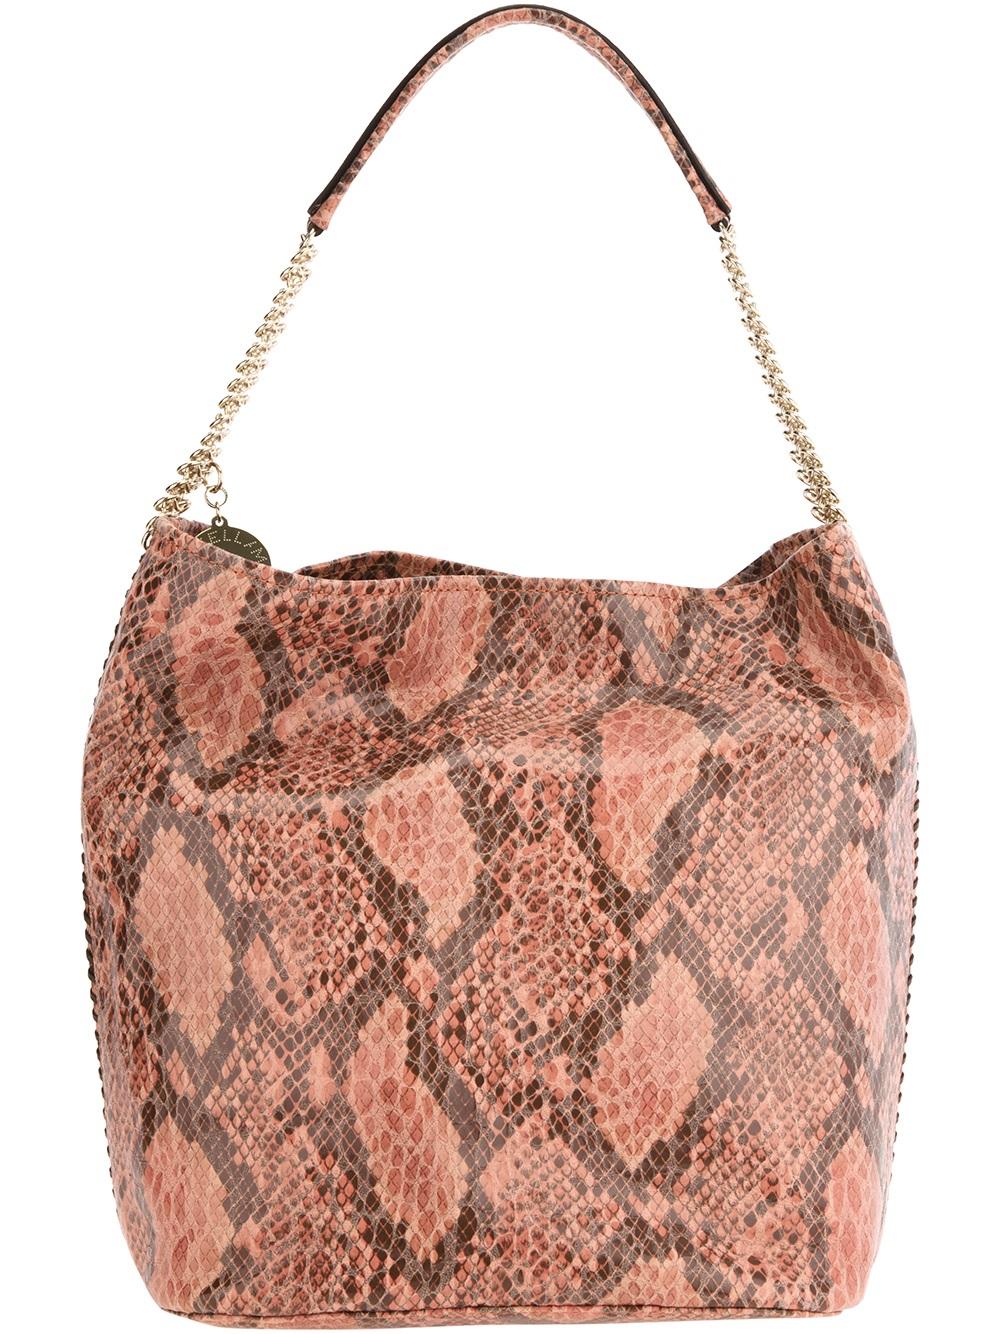 Stella mccartney Snake Skin Print Hobo Bag | Lyst